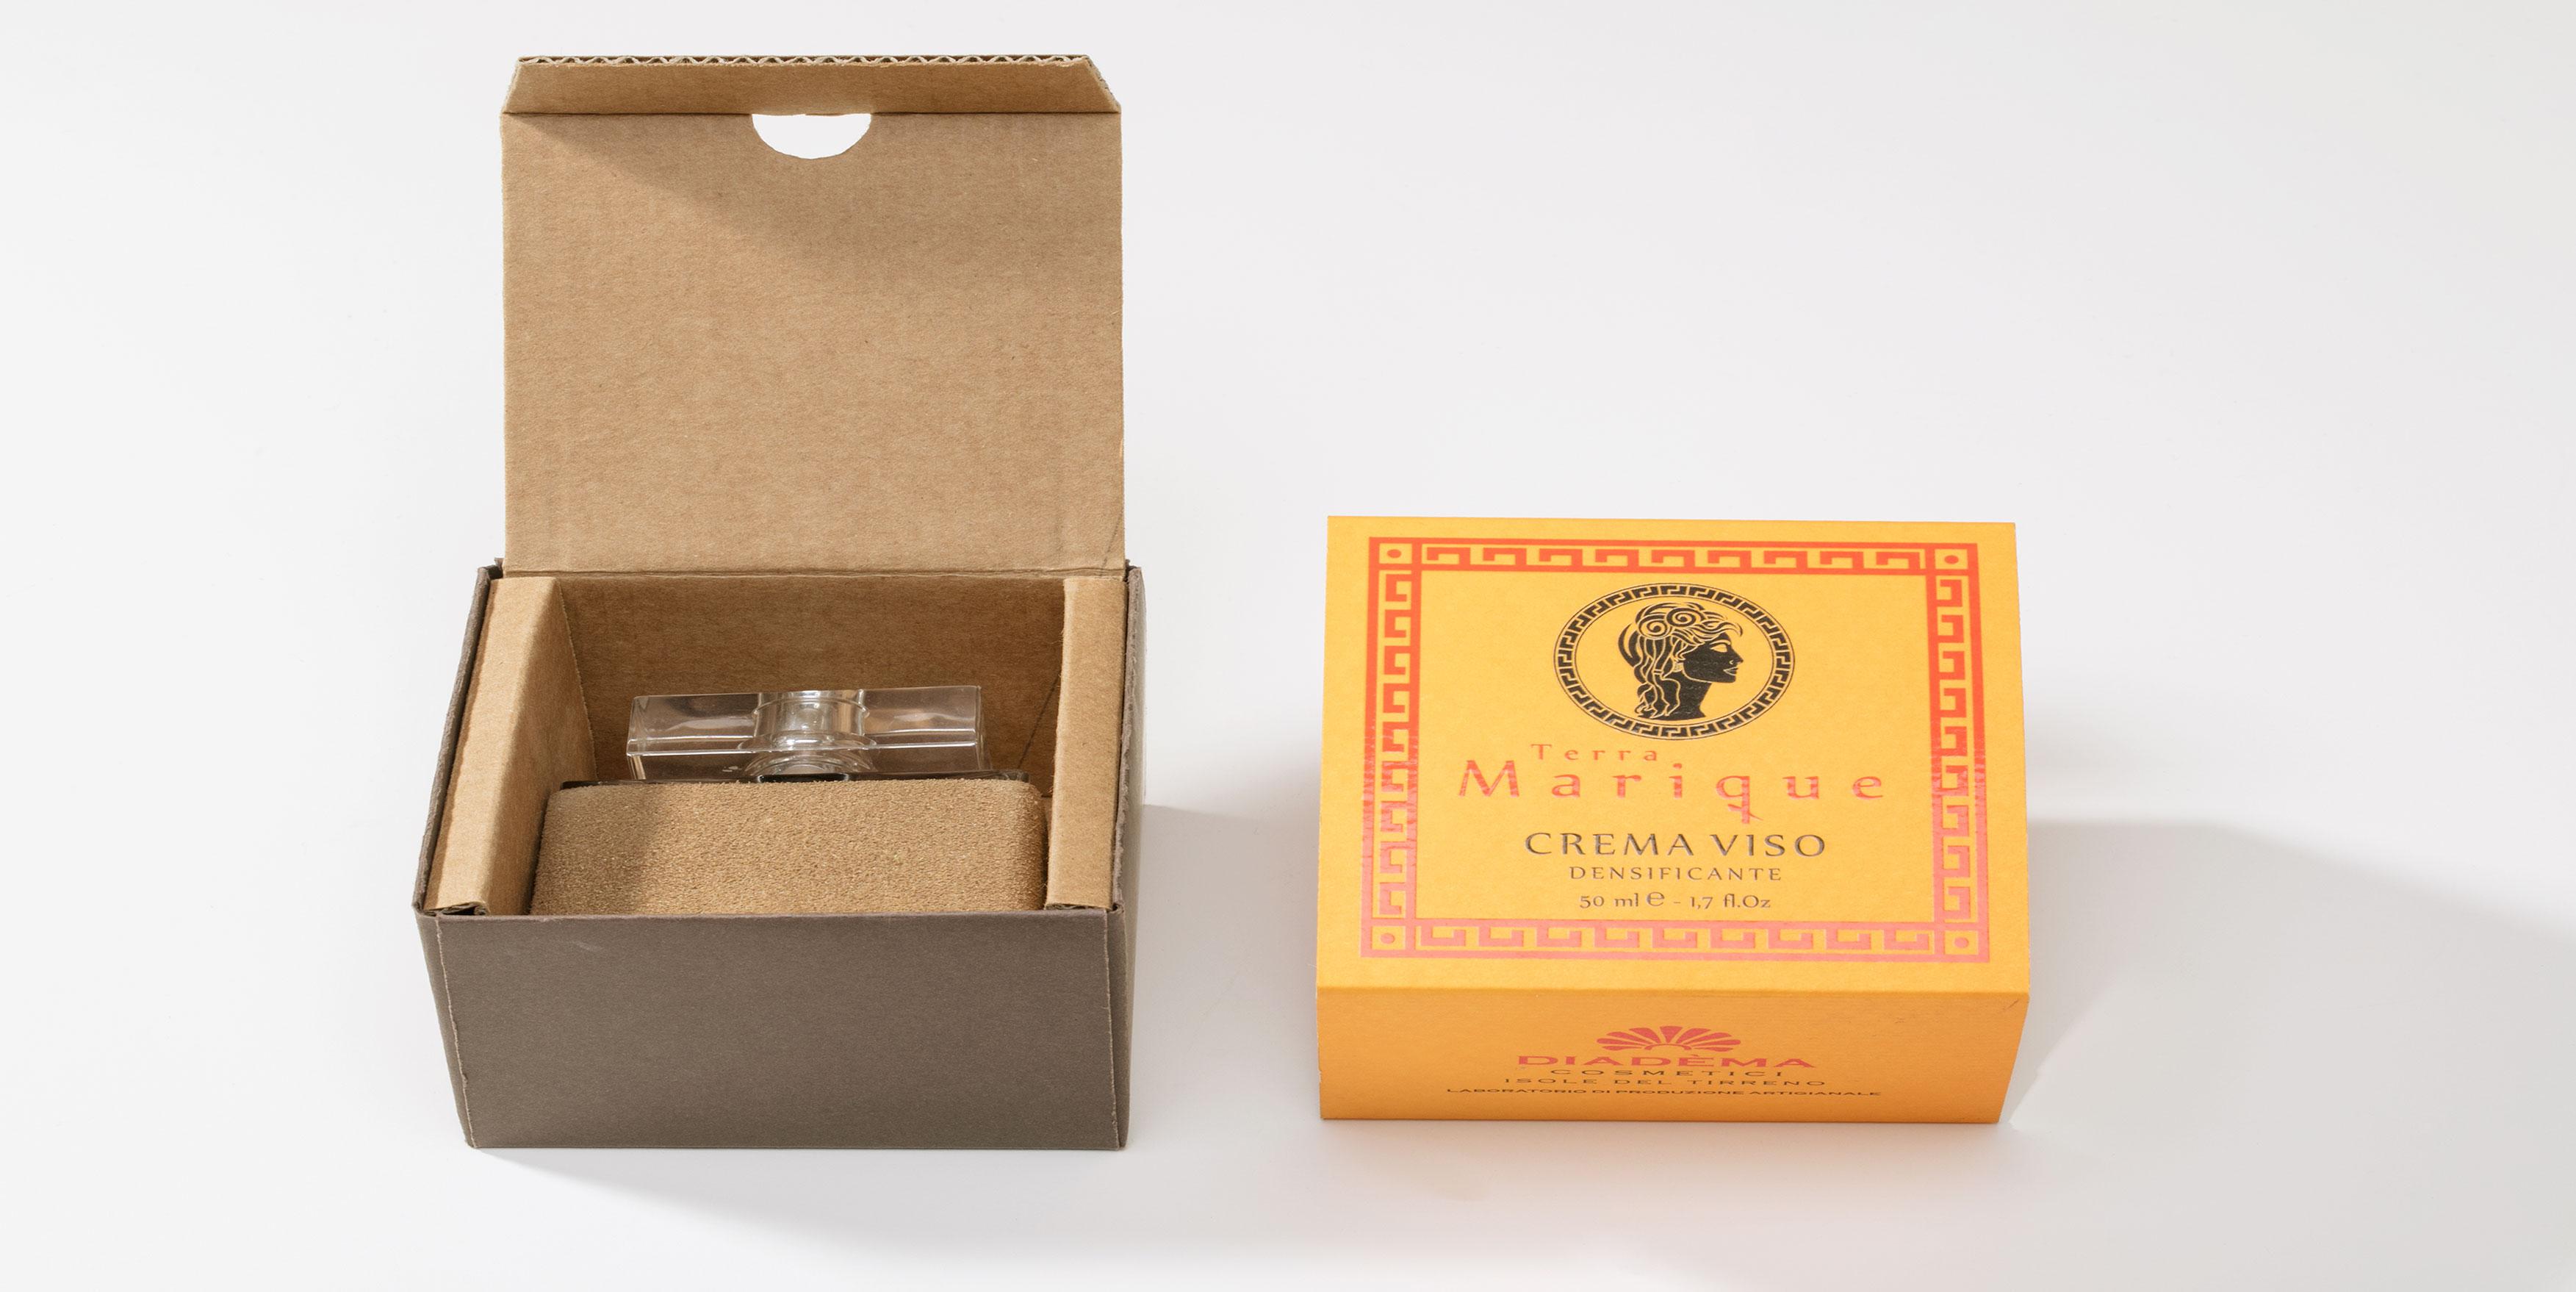 Packaging realizzato per la Crema viso Marique.